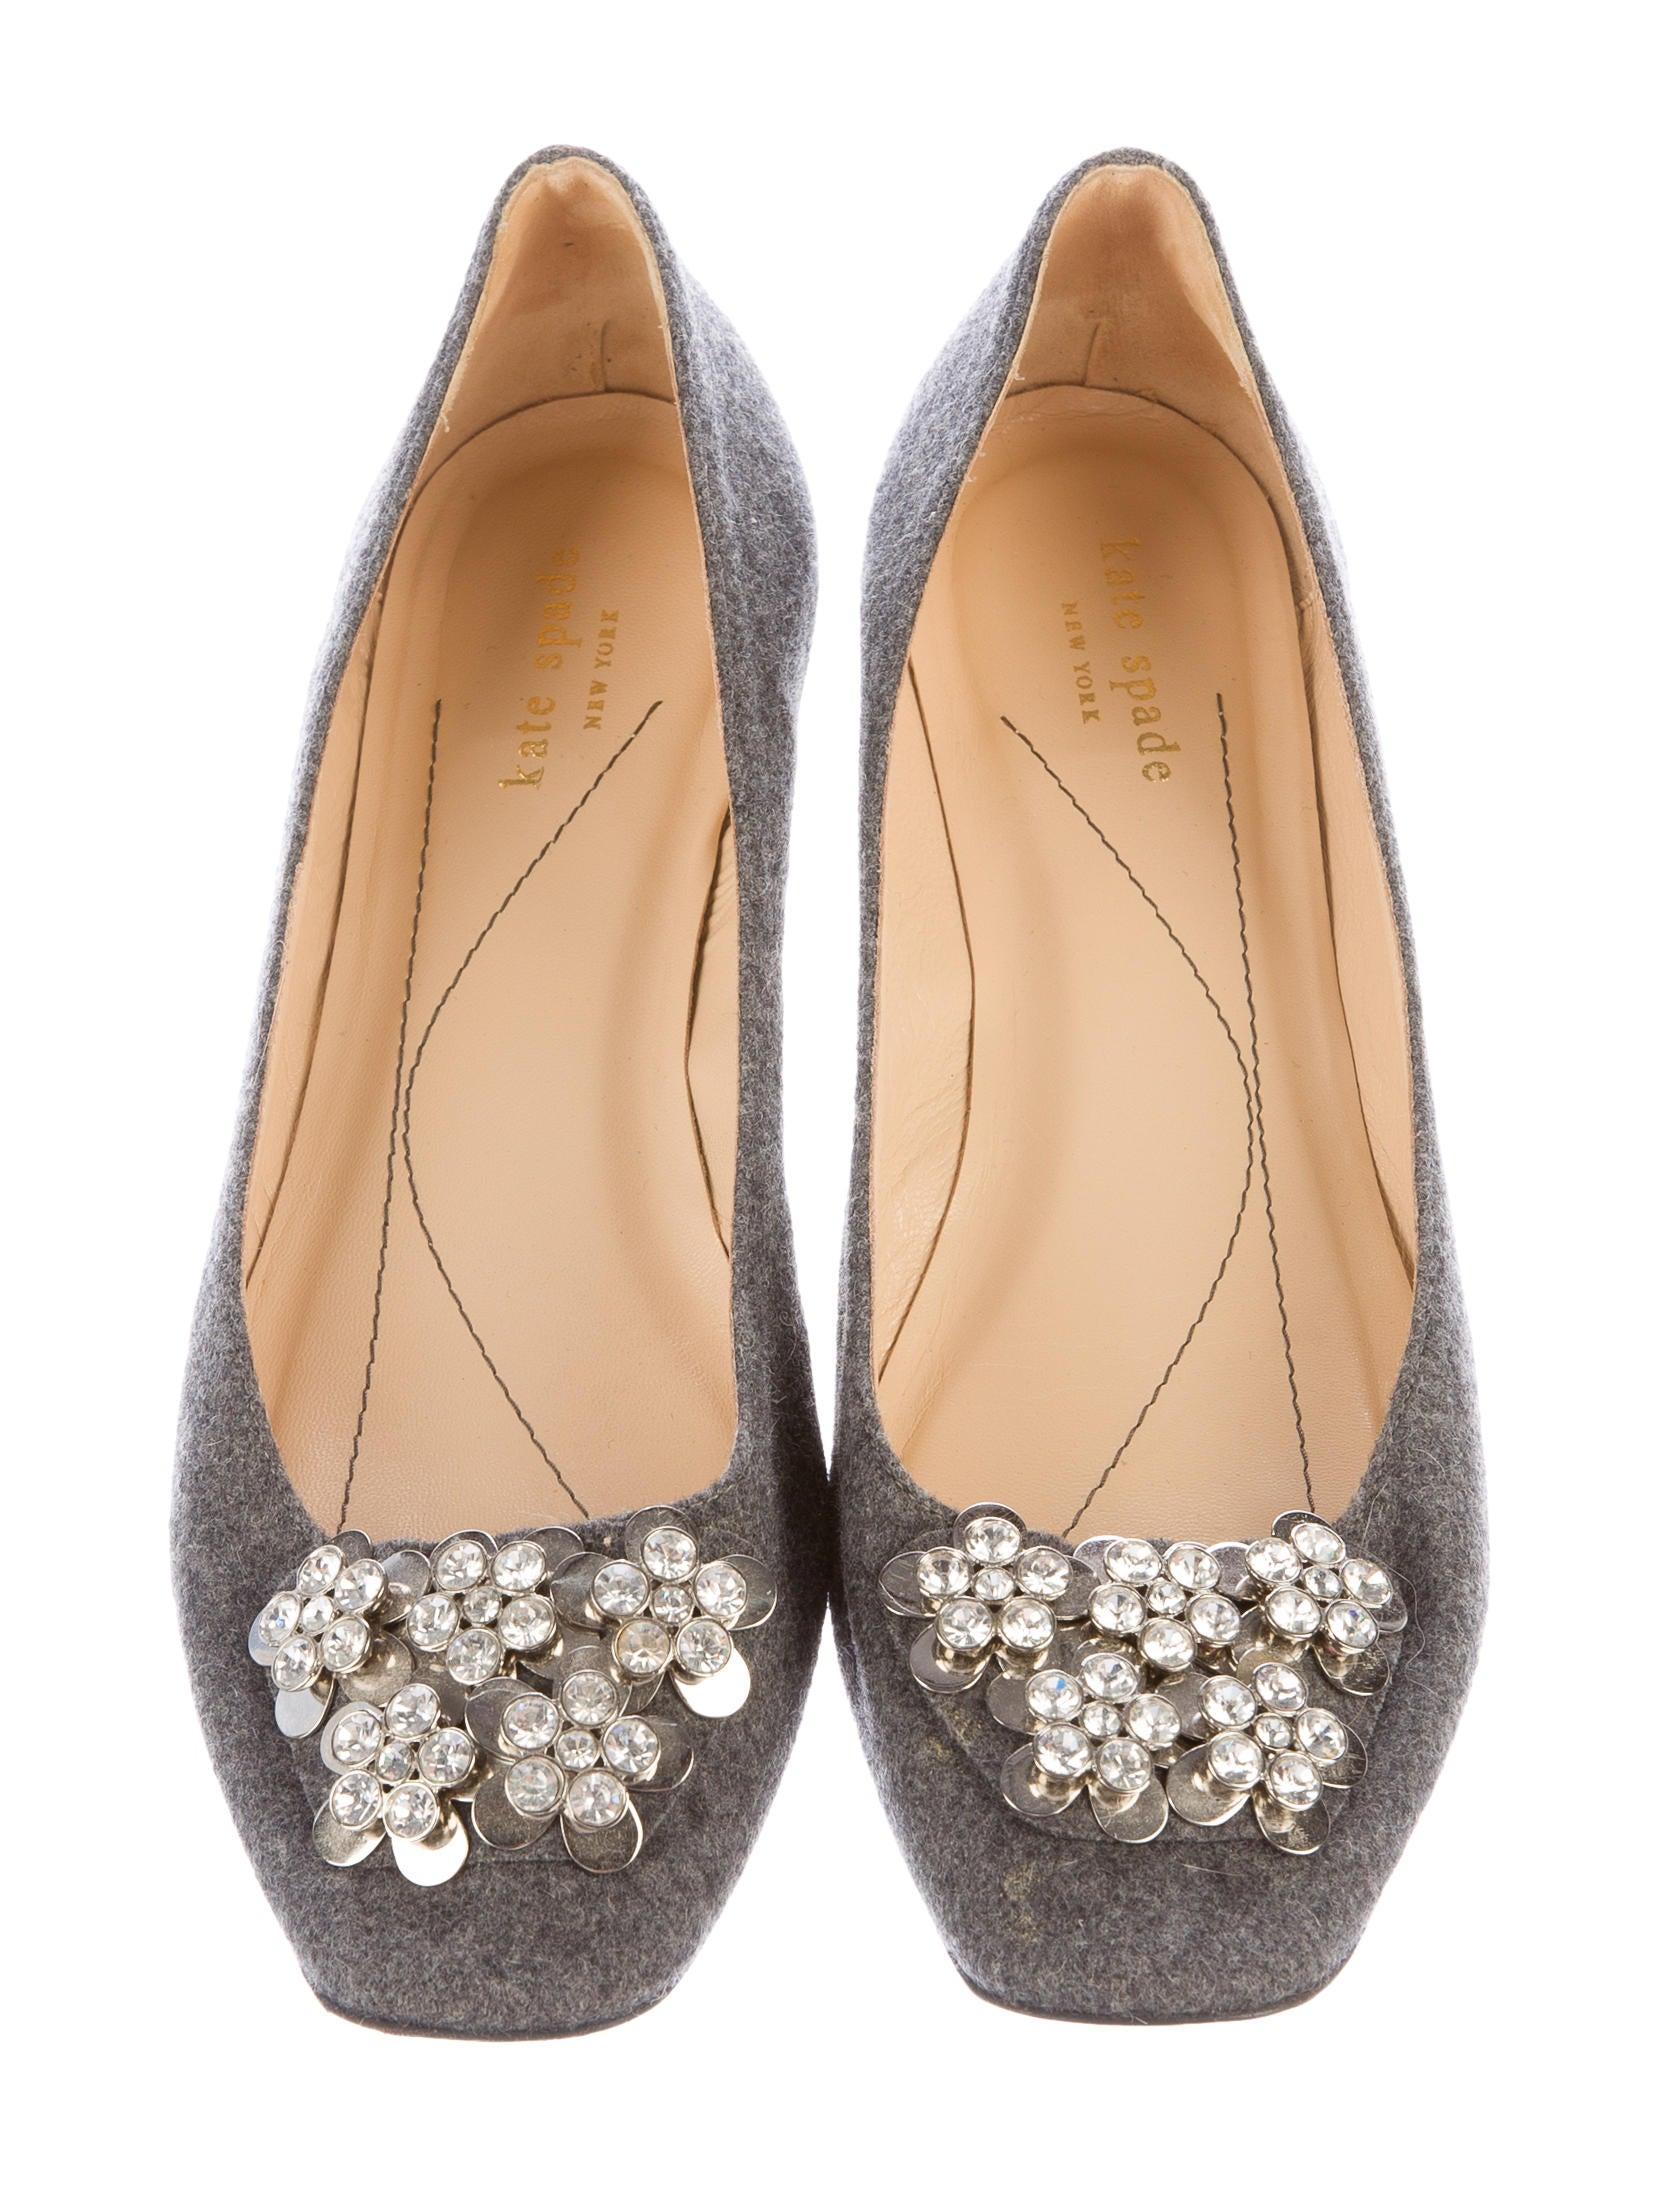 Kate spade new york crystal embellished felt flats shoes for Kate spade new york flats